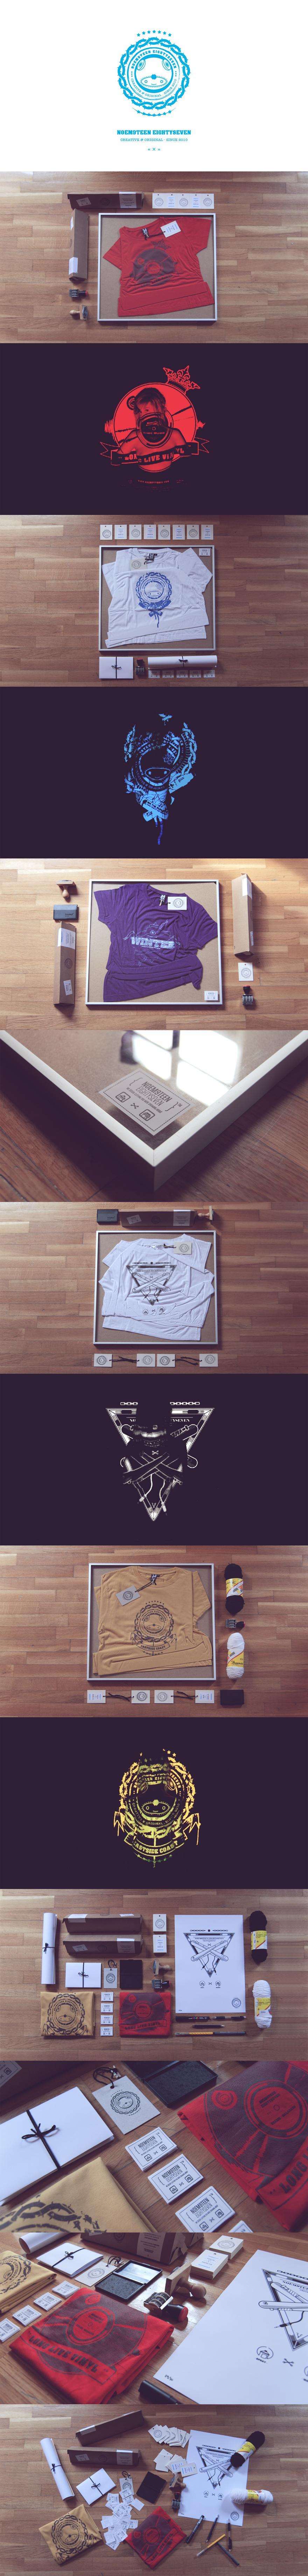 Noem9teen Eightyseven Branding - Tshirt Design - Creattica